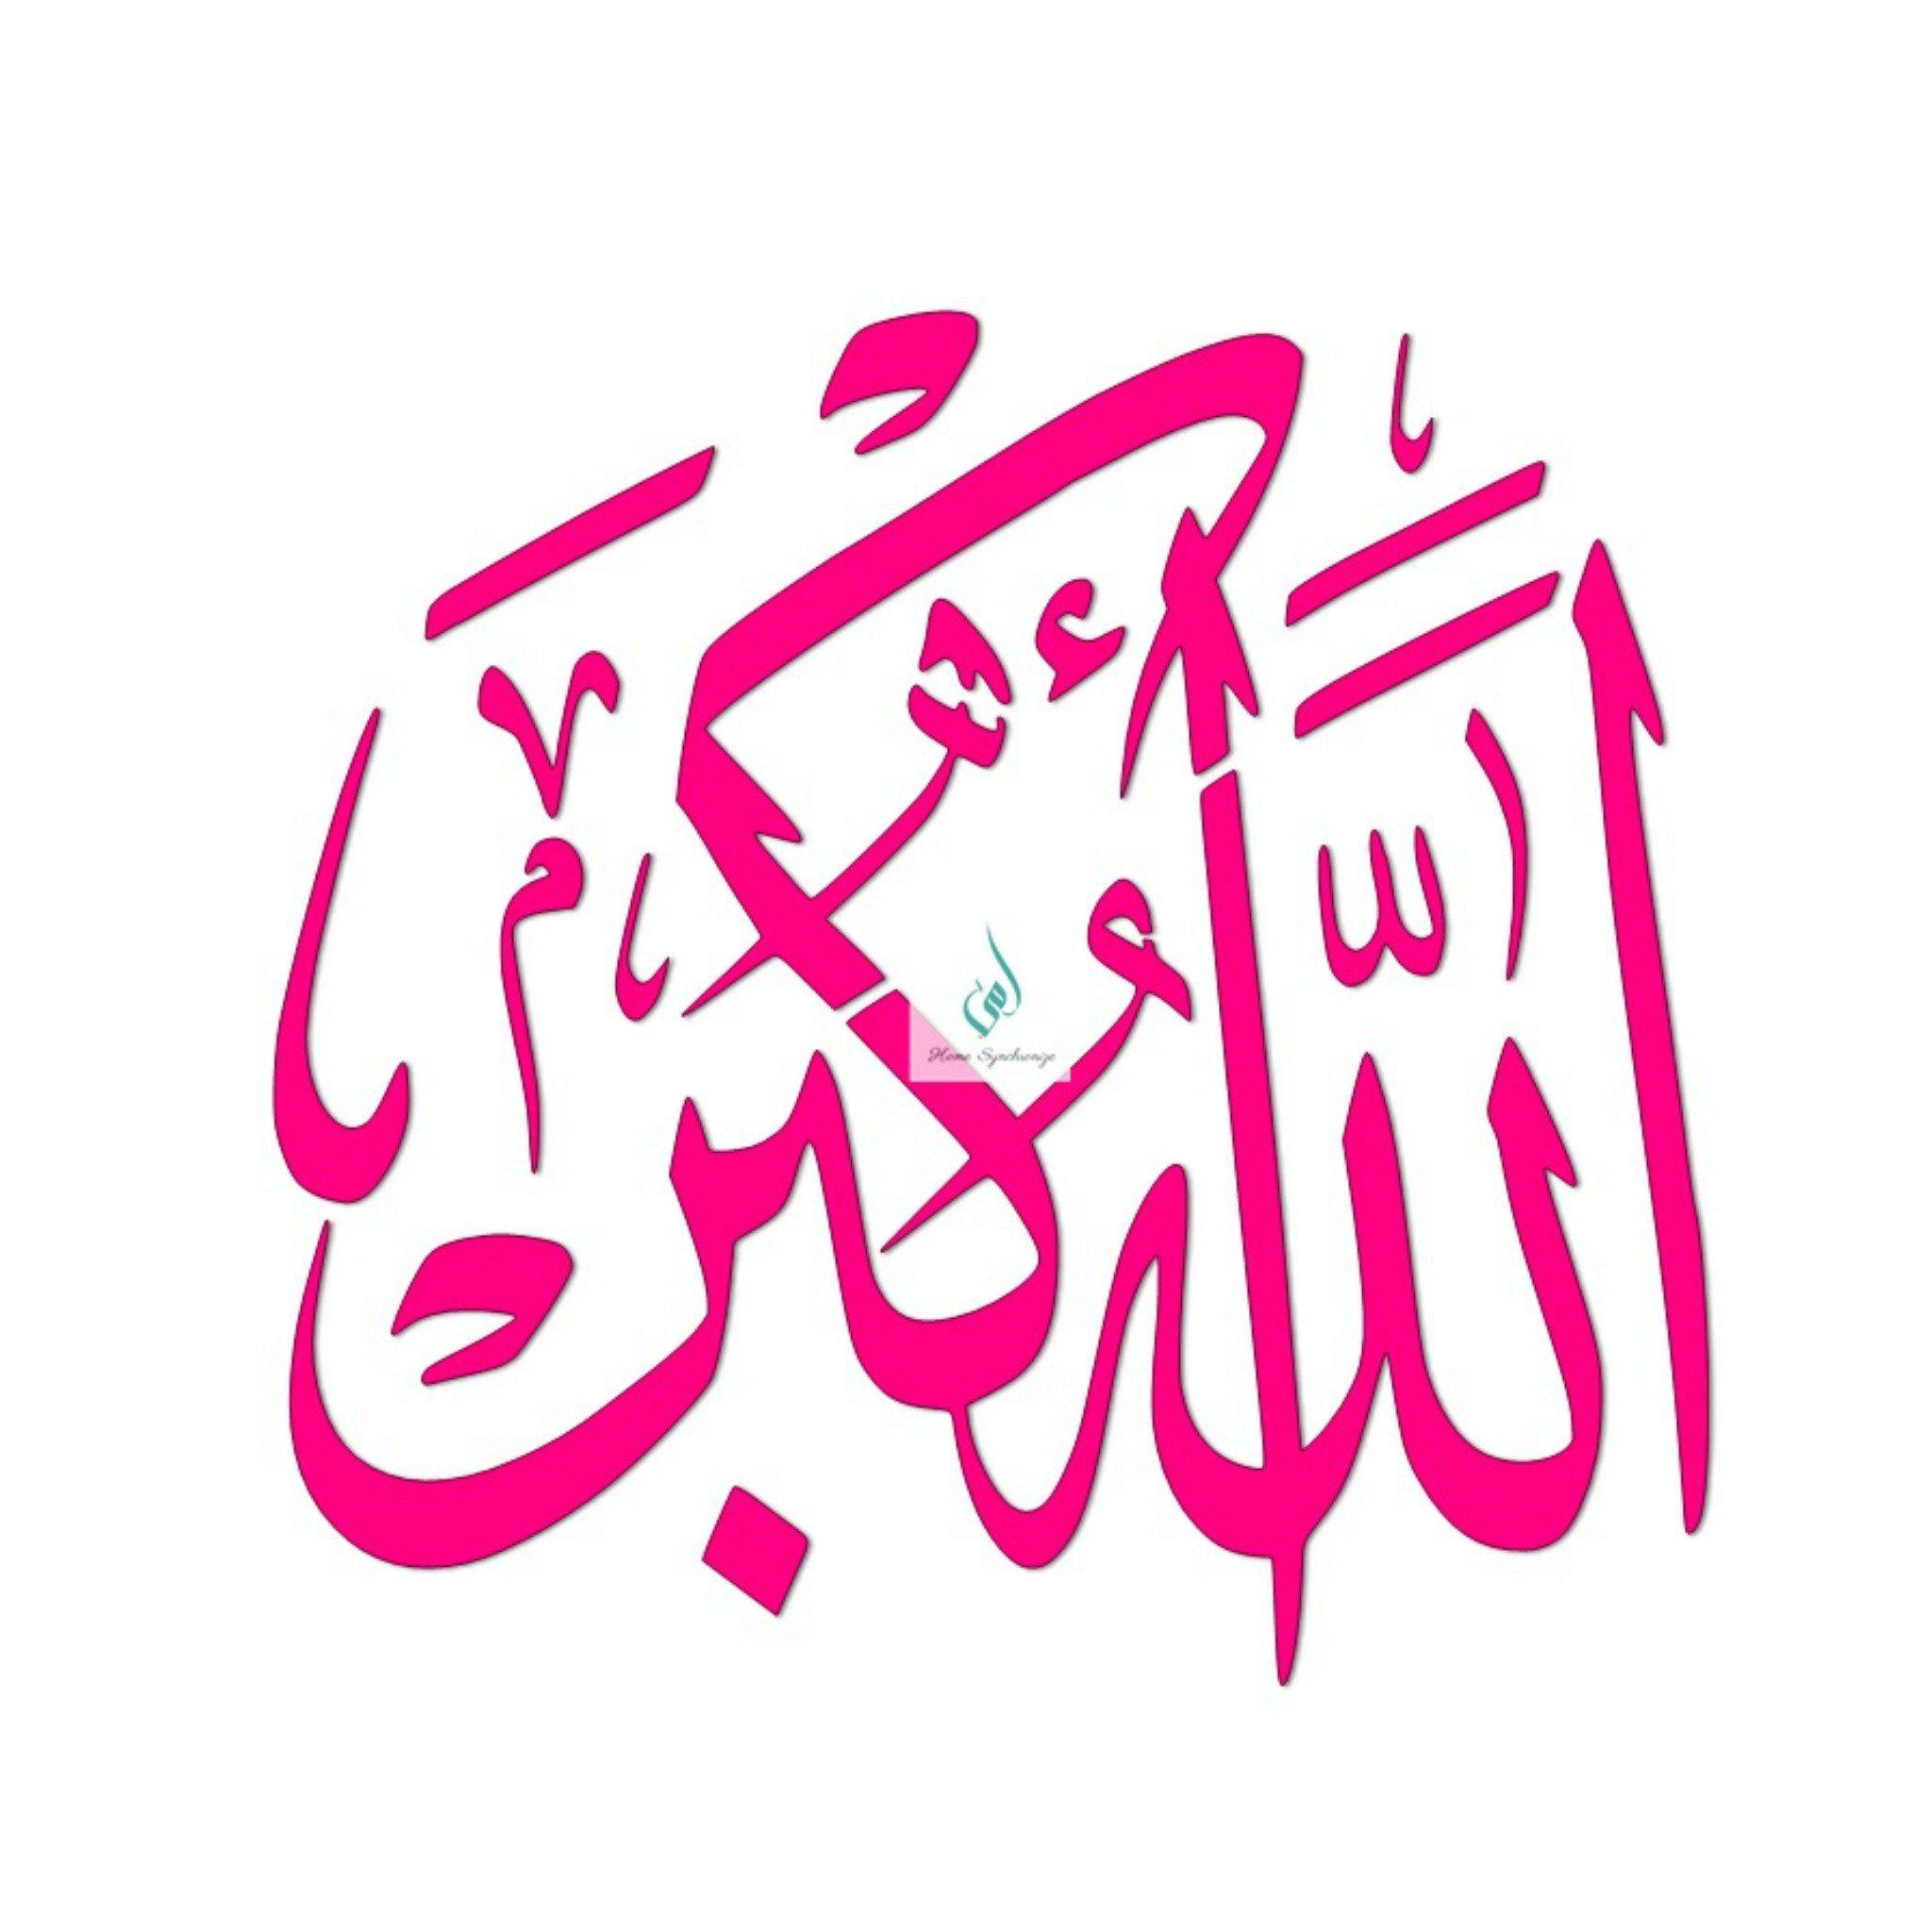 Allahu Akbar God Is Great Arabic Stencil Islamic Calligraphy Painting Islamic Calligraphy Stencil Patterns